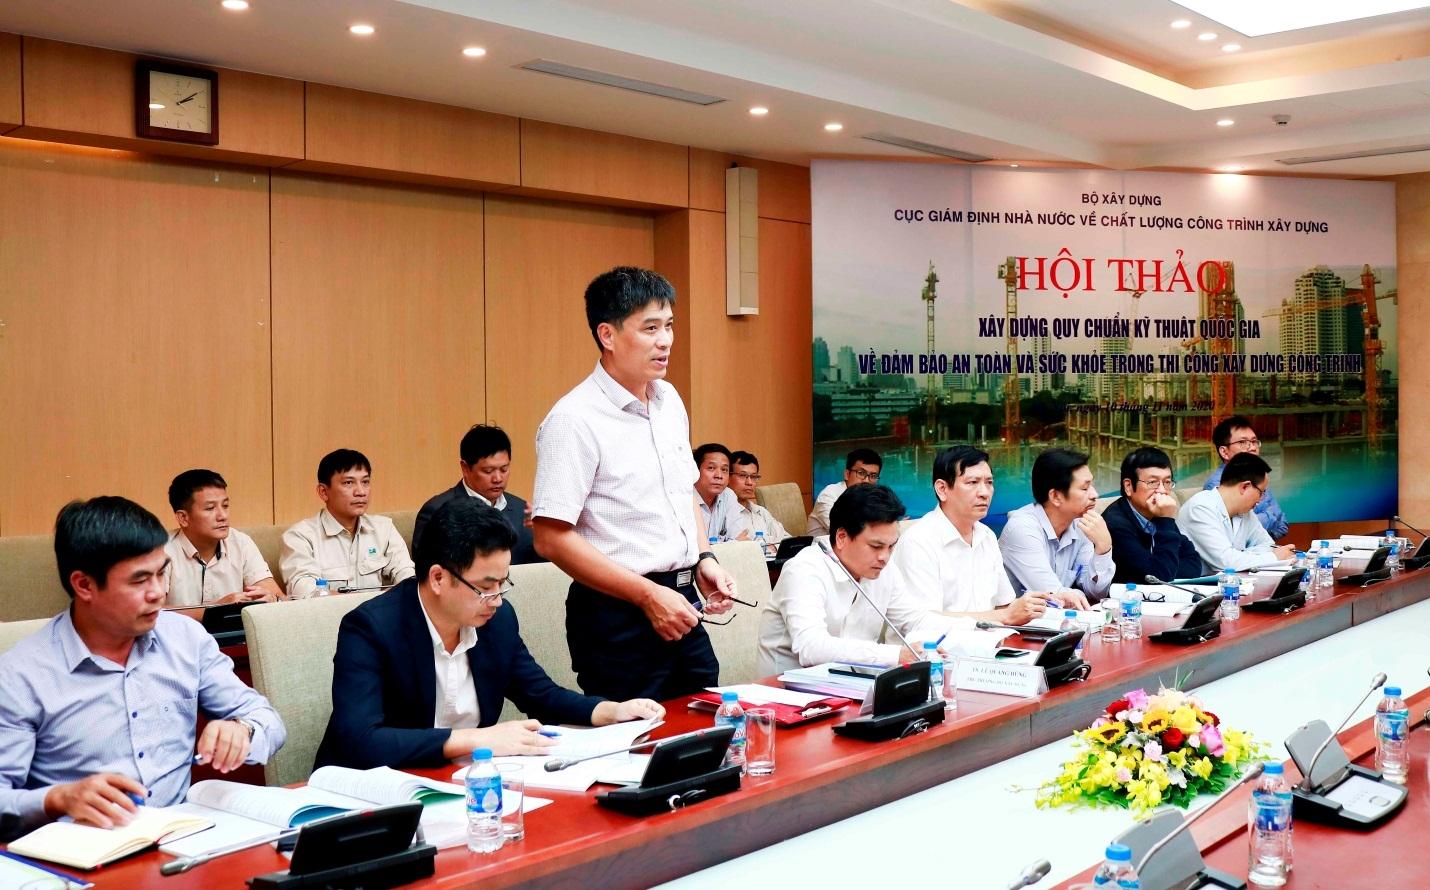 Góp ý kiến hoàn thiện QCVN 08:2020/BXD nhằm đảm bảo an toàn và sức khoẻ trong thi công xây dựng